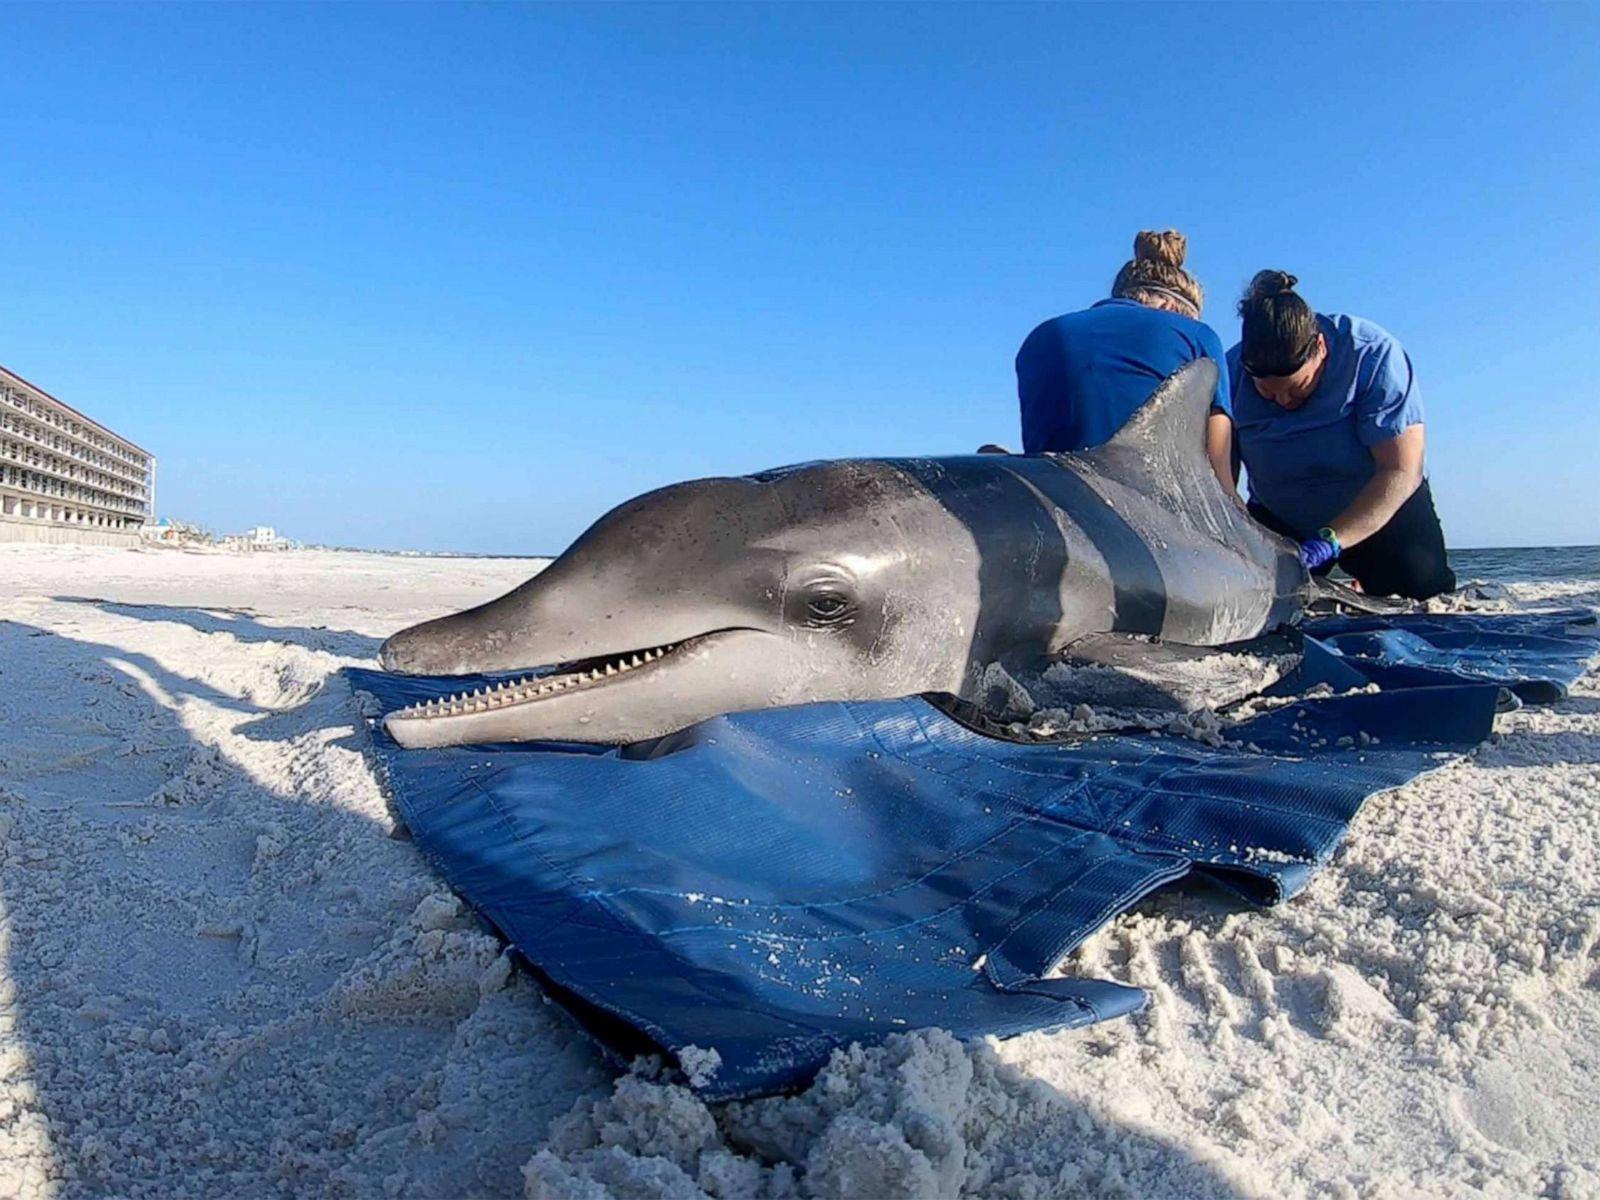 261 bottlenose dolphins have